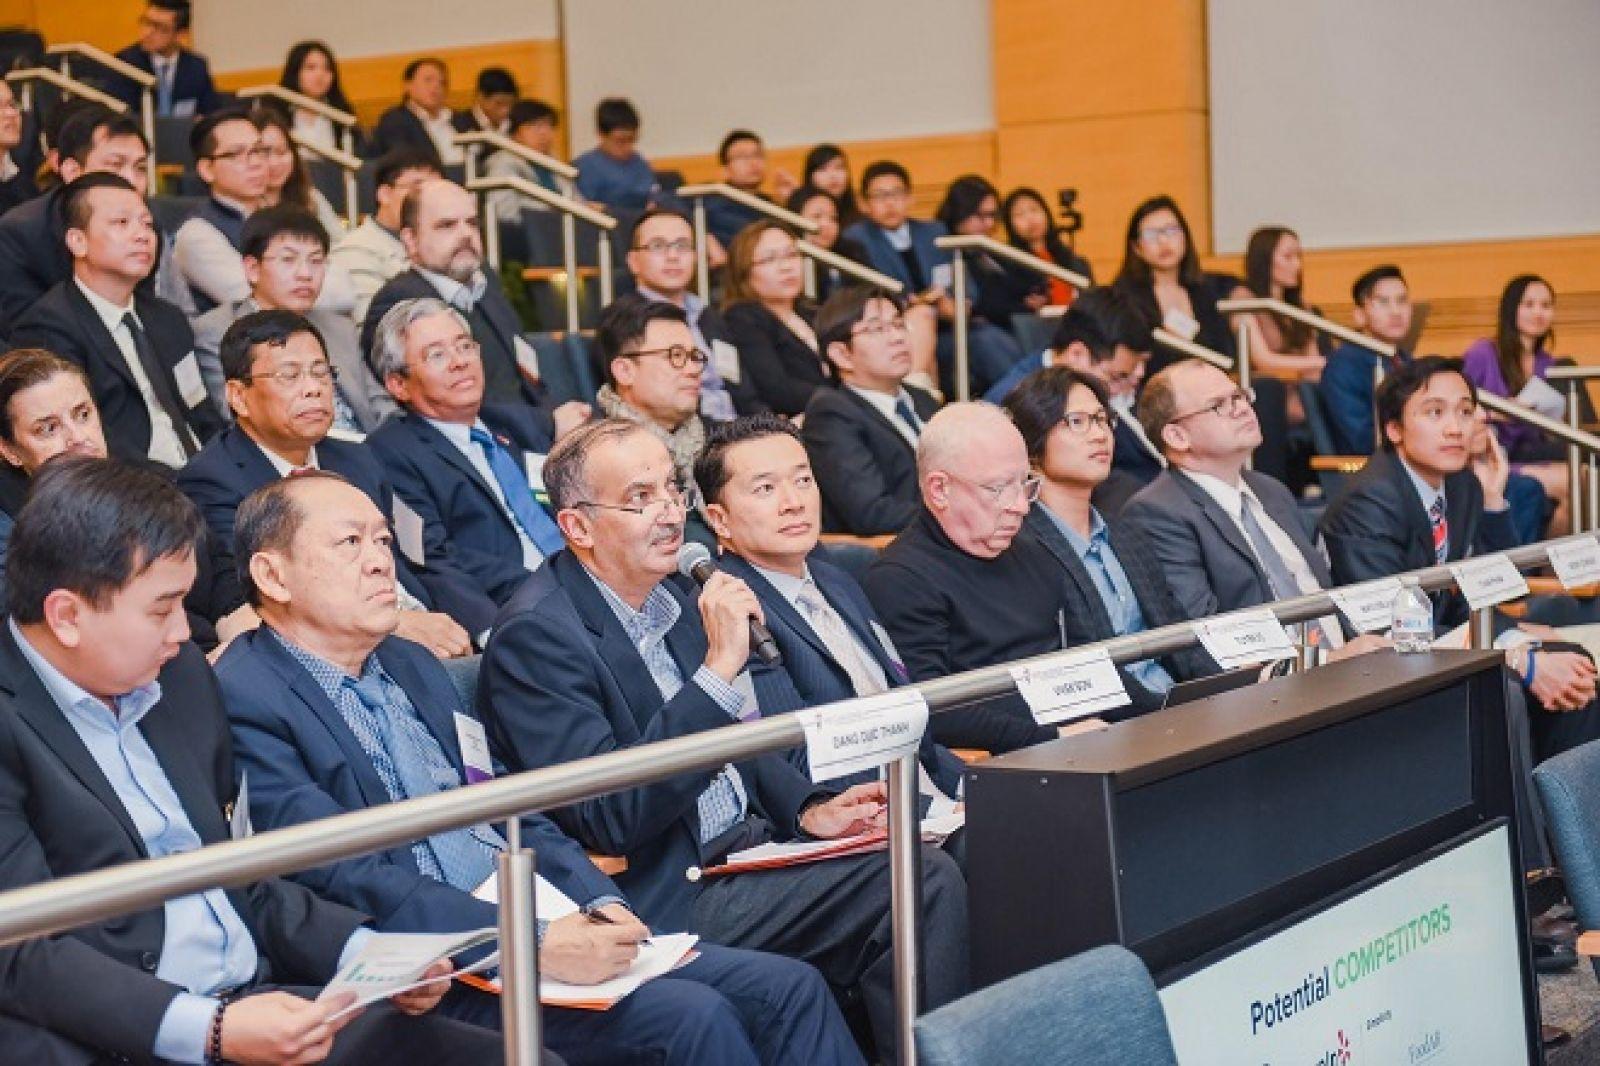 Các startup sẽ có cơ hội kết nối với đội ngũ chuyên gia quốc tế.